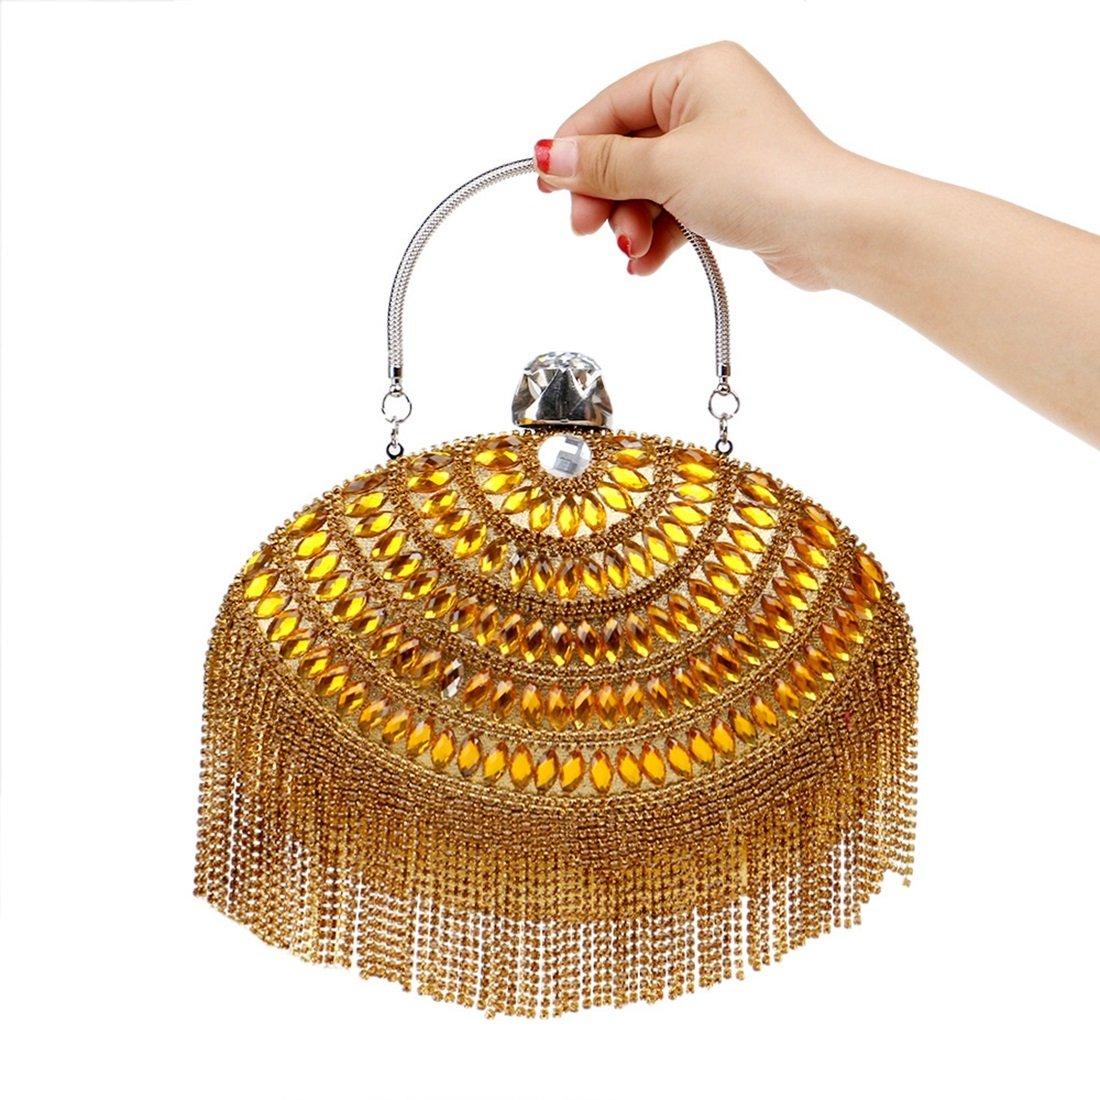 Limeinimukete Frauen Luxus Quasten Abendtaschen Kupplungen Handtasche Umhängetasche (Farbe   Gold) B07KQVHJX5 Clutches Lassen Sie unsere Produkte in die Welt gehen